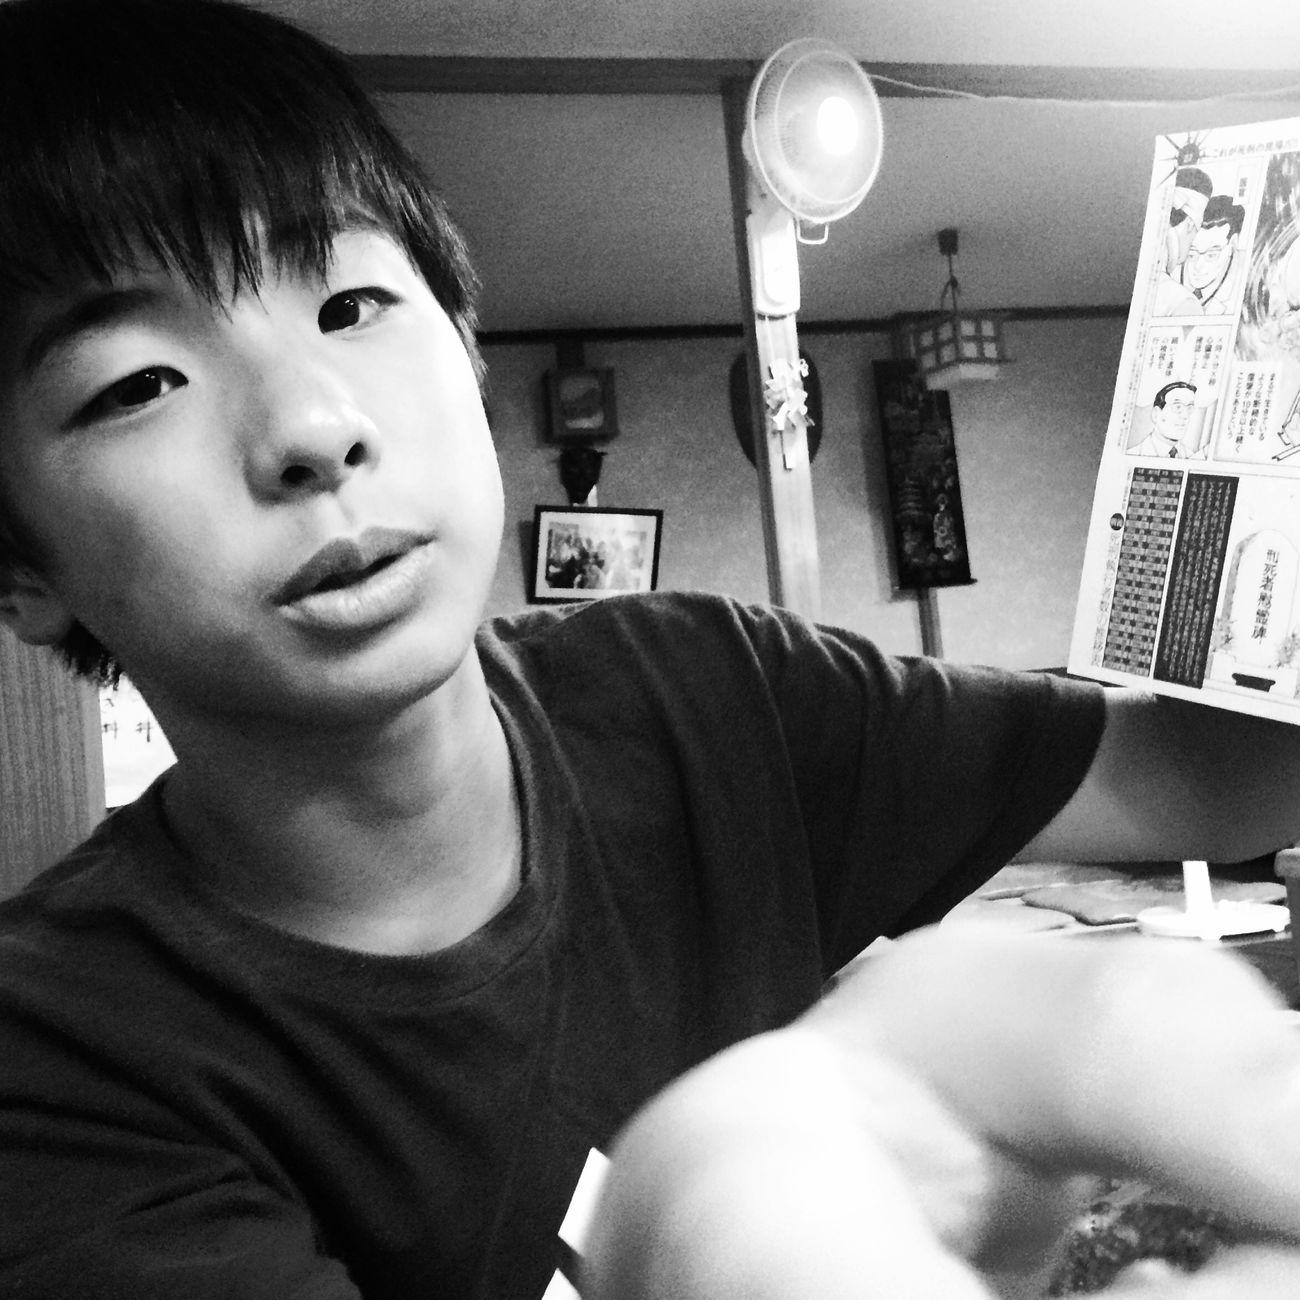 B&W Portrait Black And White Portrait Son Japanese